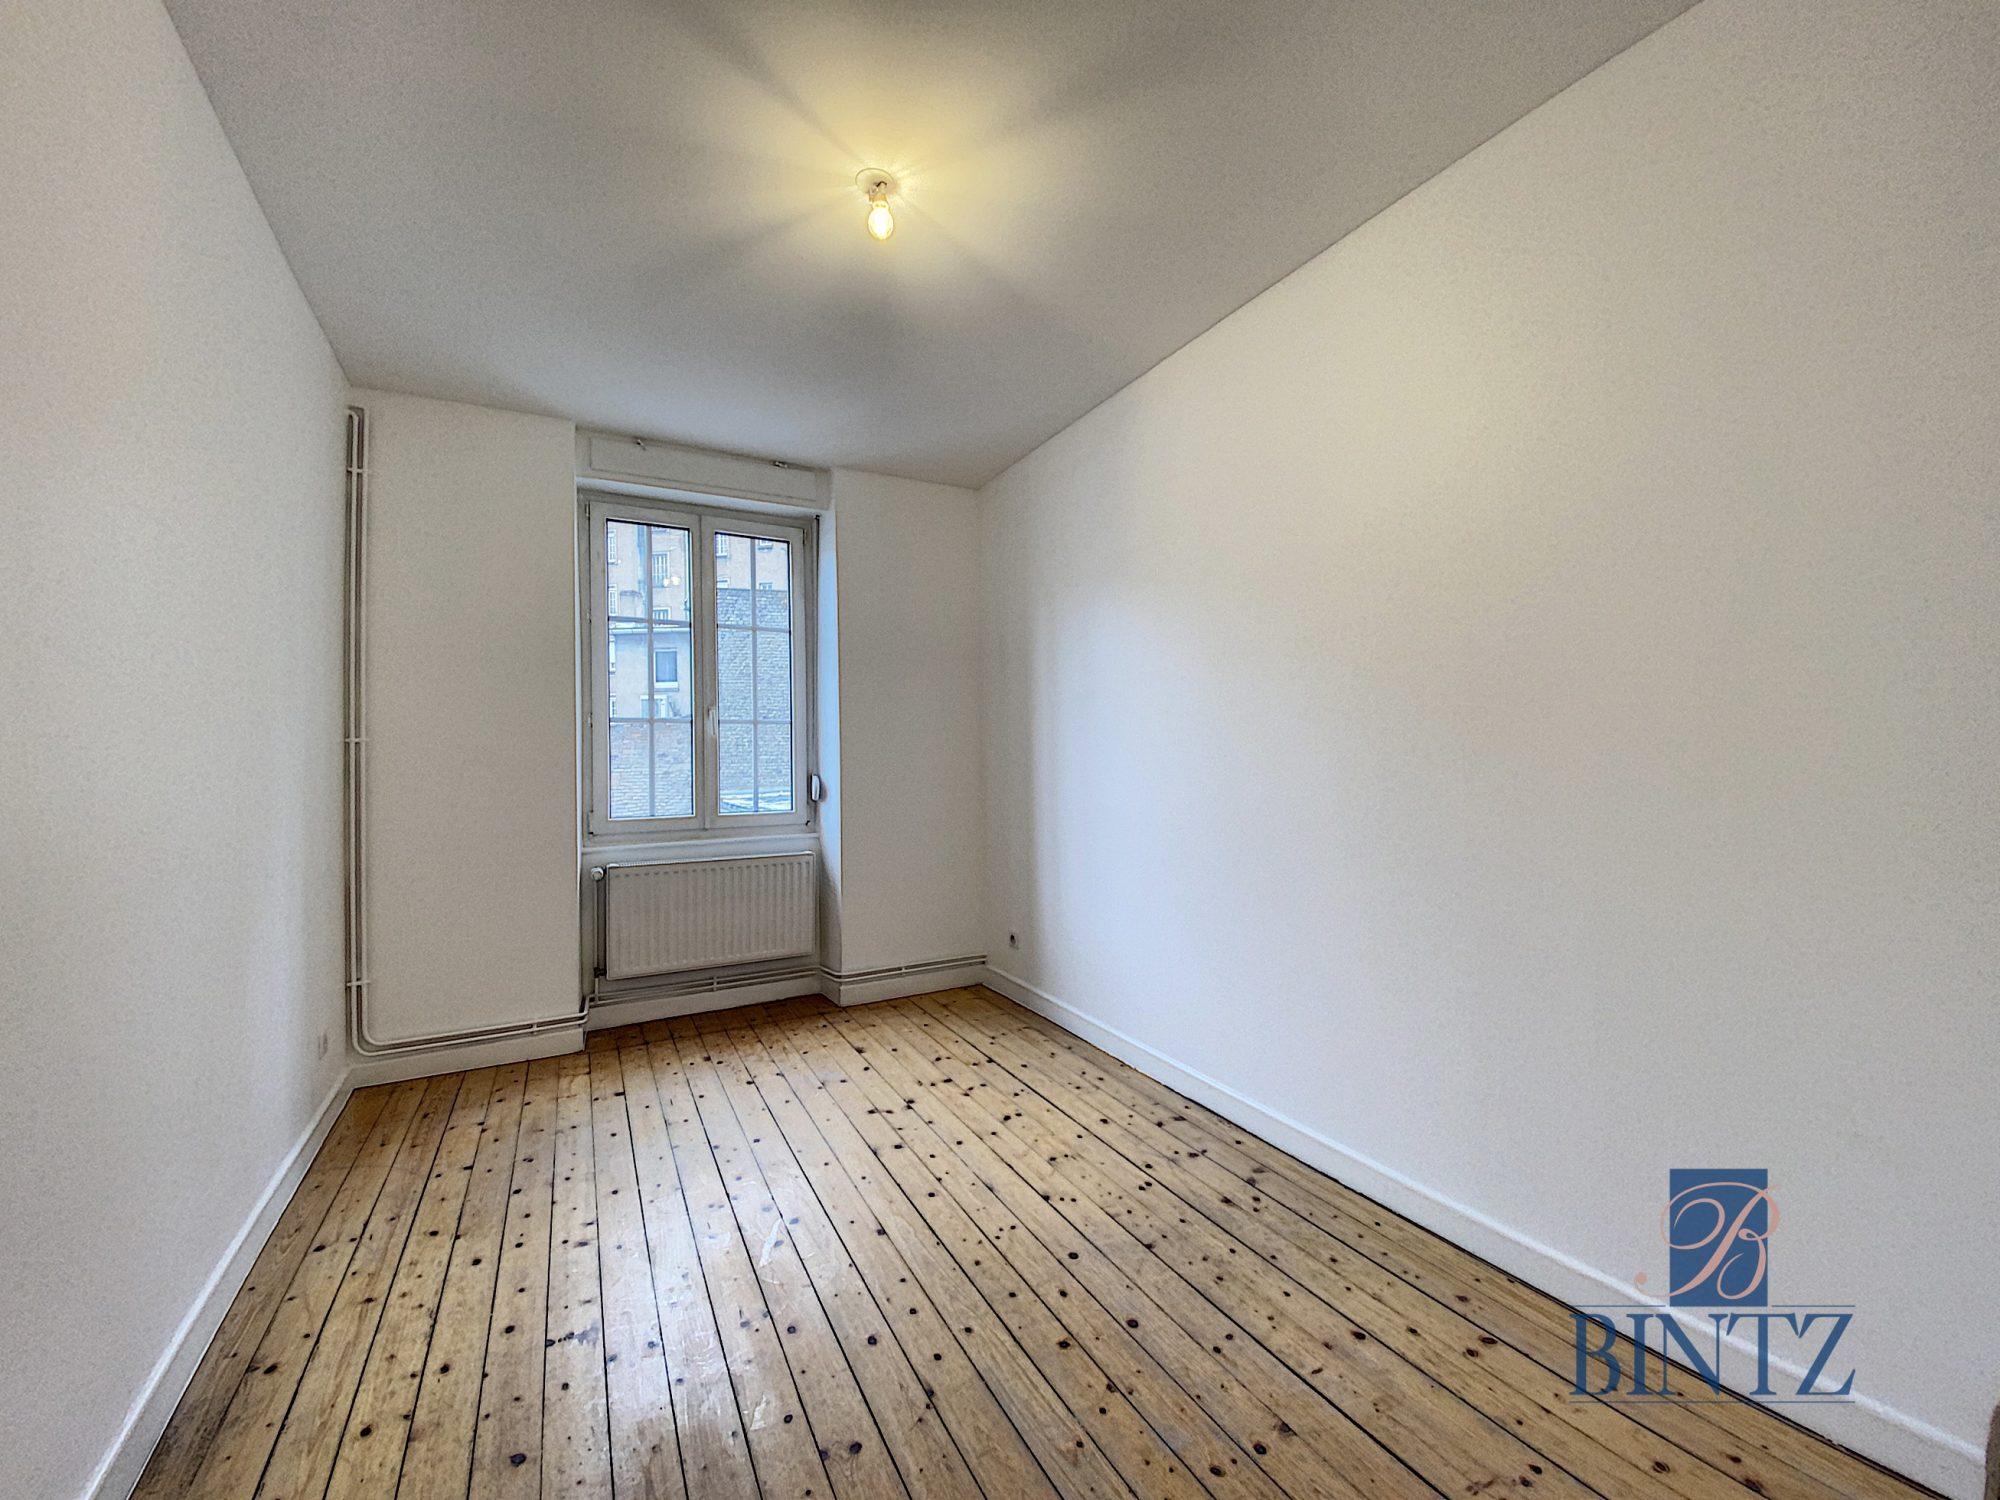 Appartement 3 pièces 69m2 dans le quartier des XV - Devenez propriétaire en toute confiance - Bintz Immobilier - 11